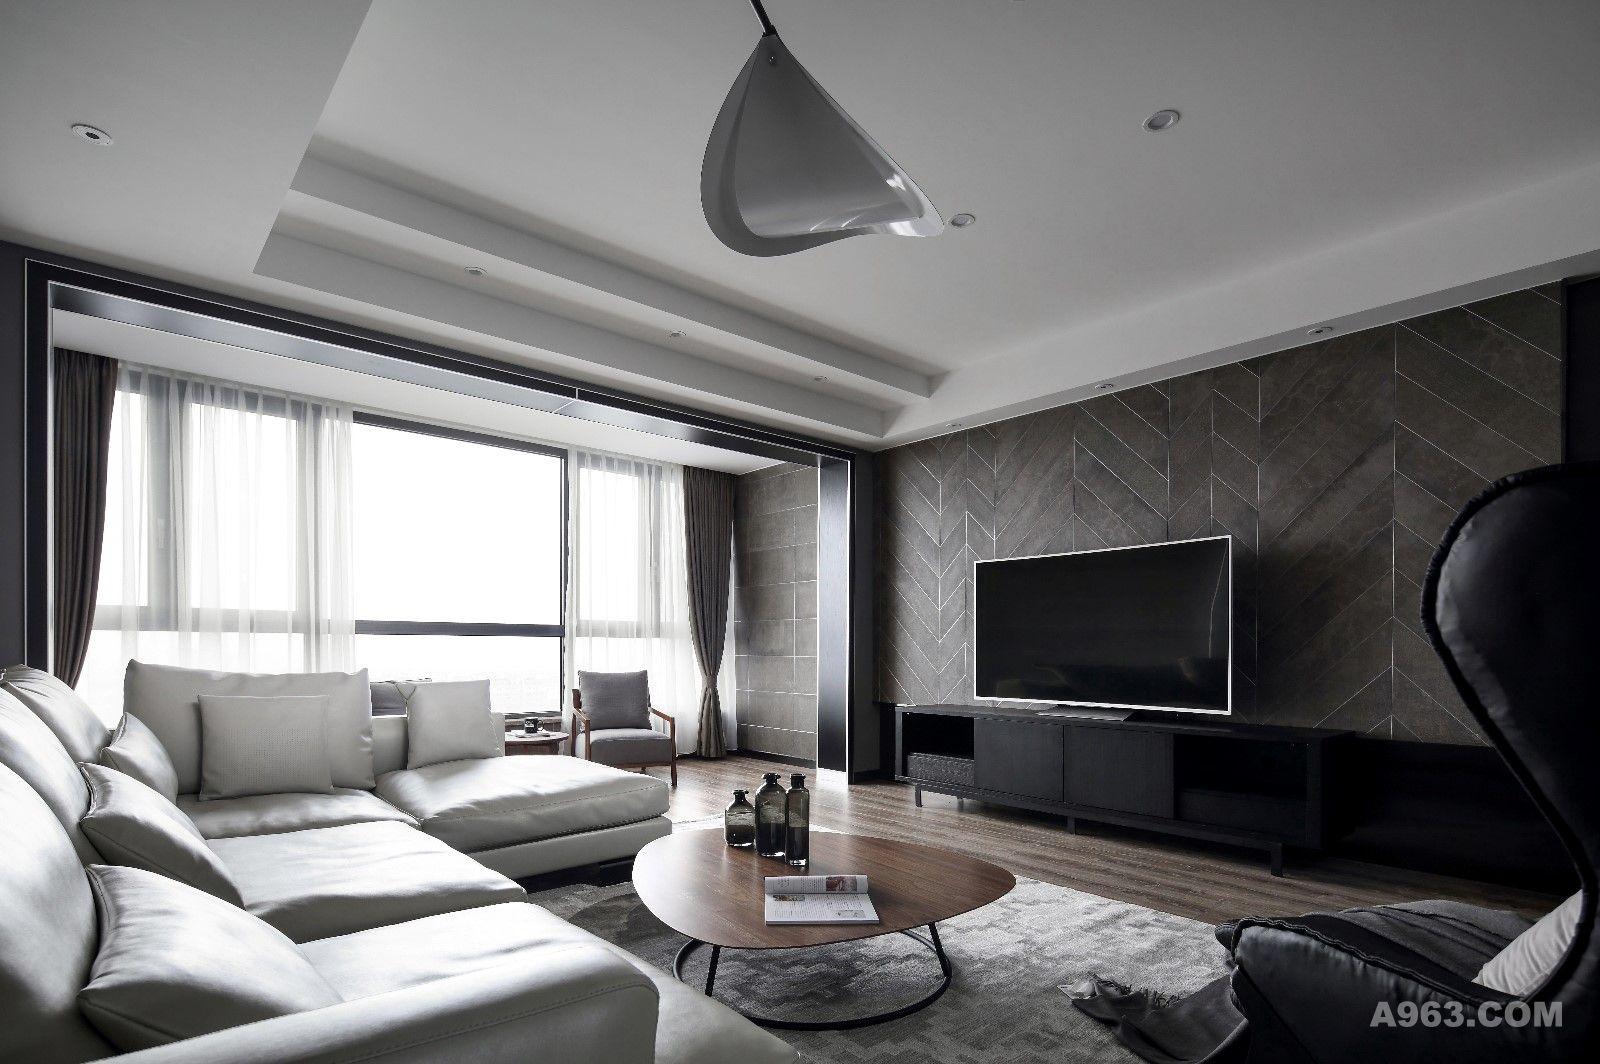 赵无极现代装饰画的设计,点亮空间,使背景看起来不沉闷.